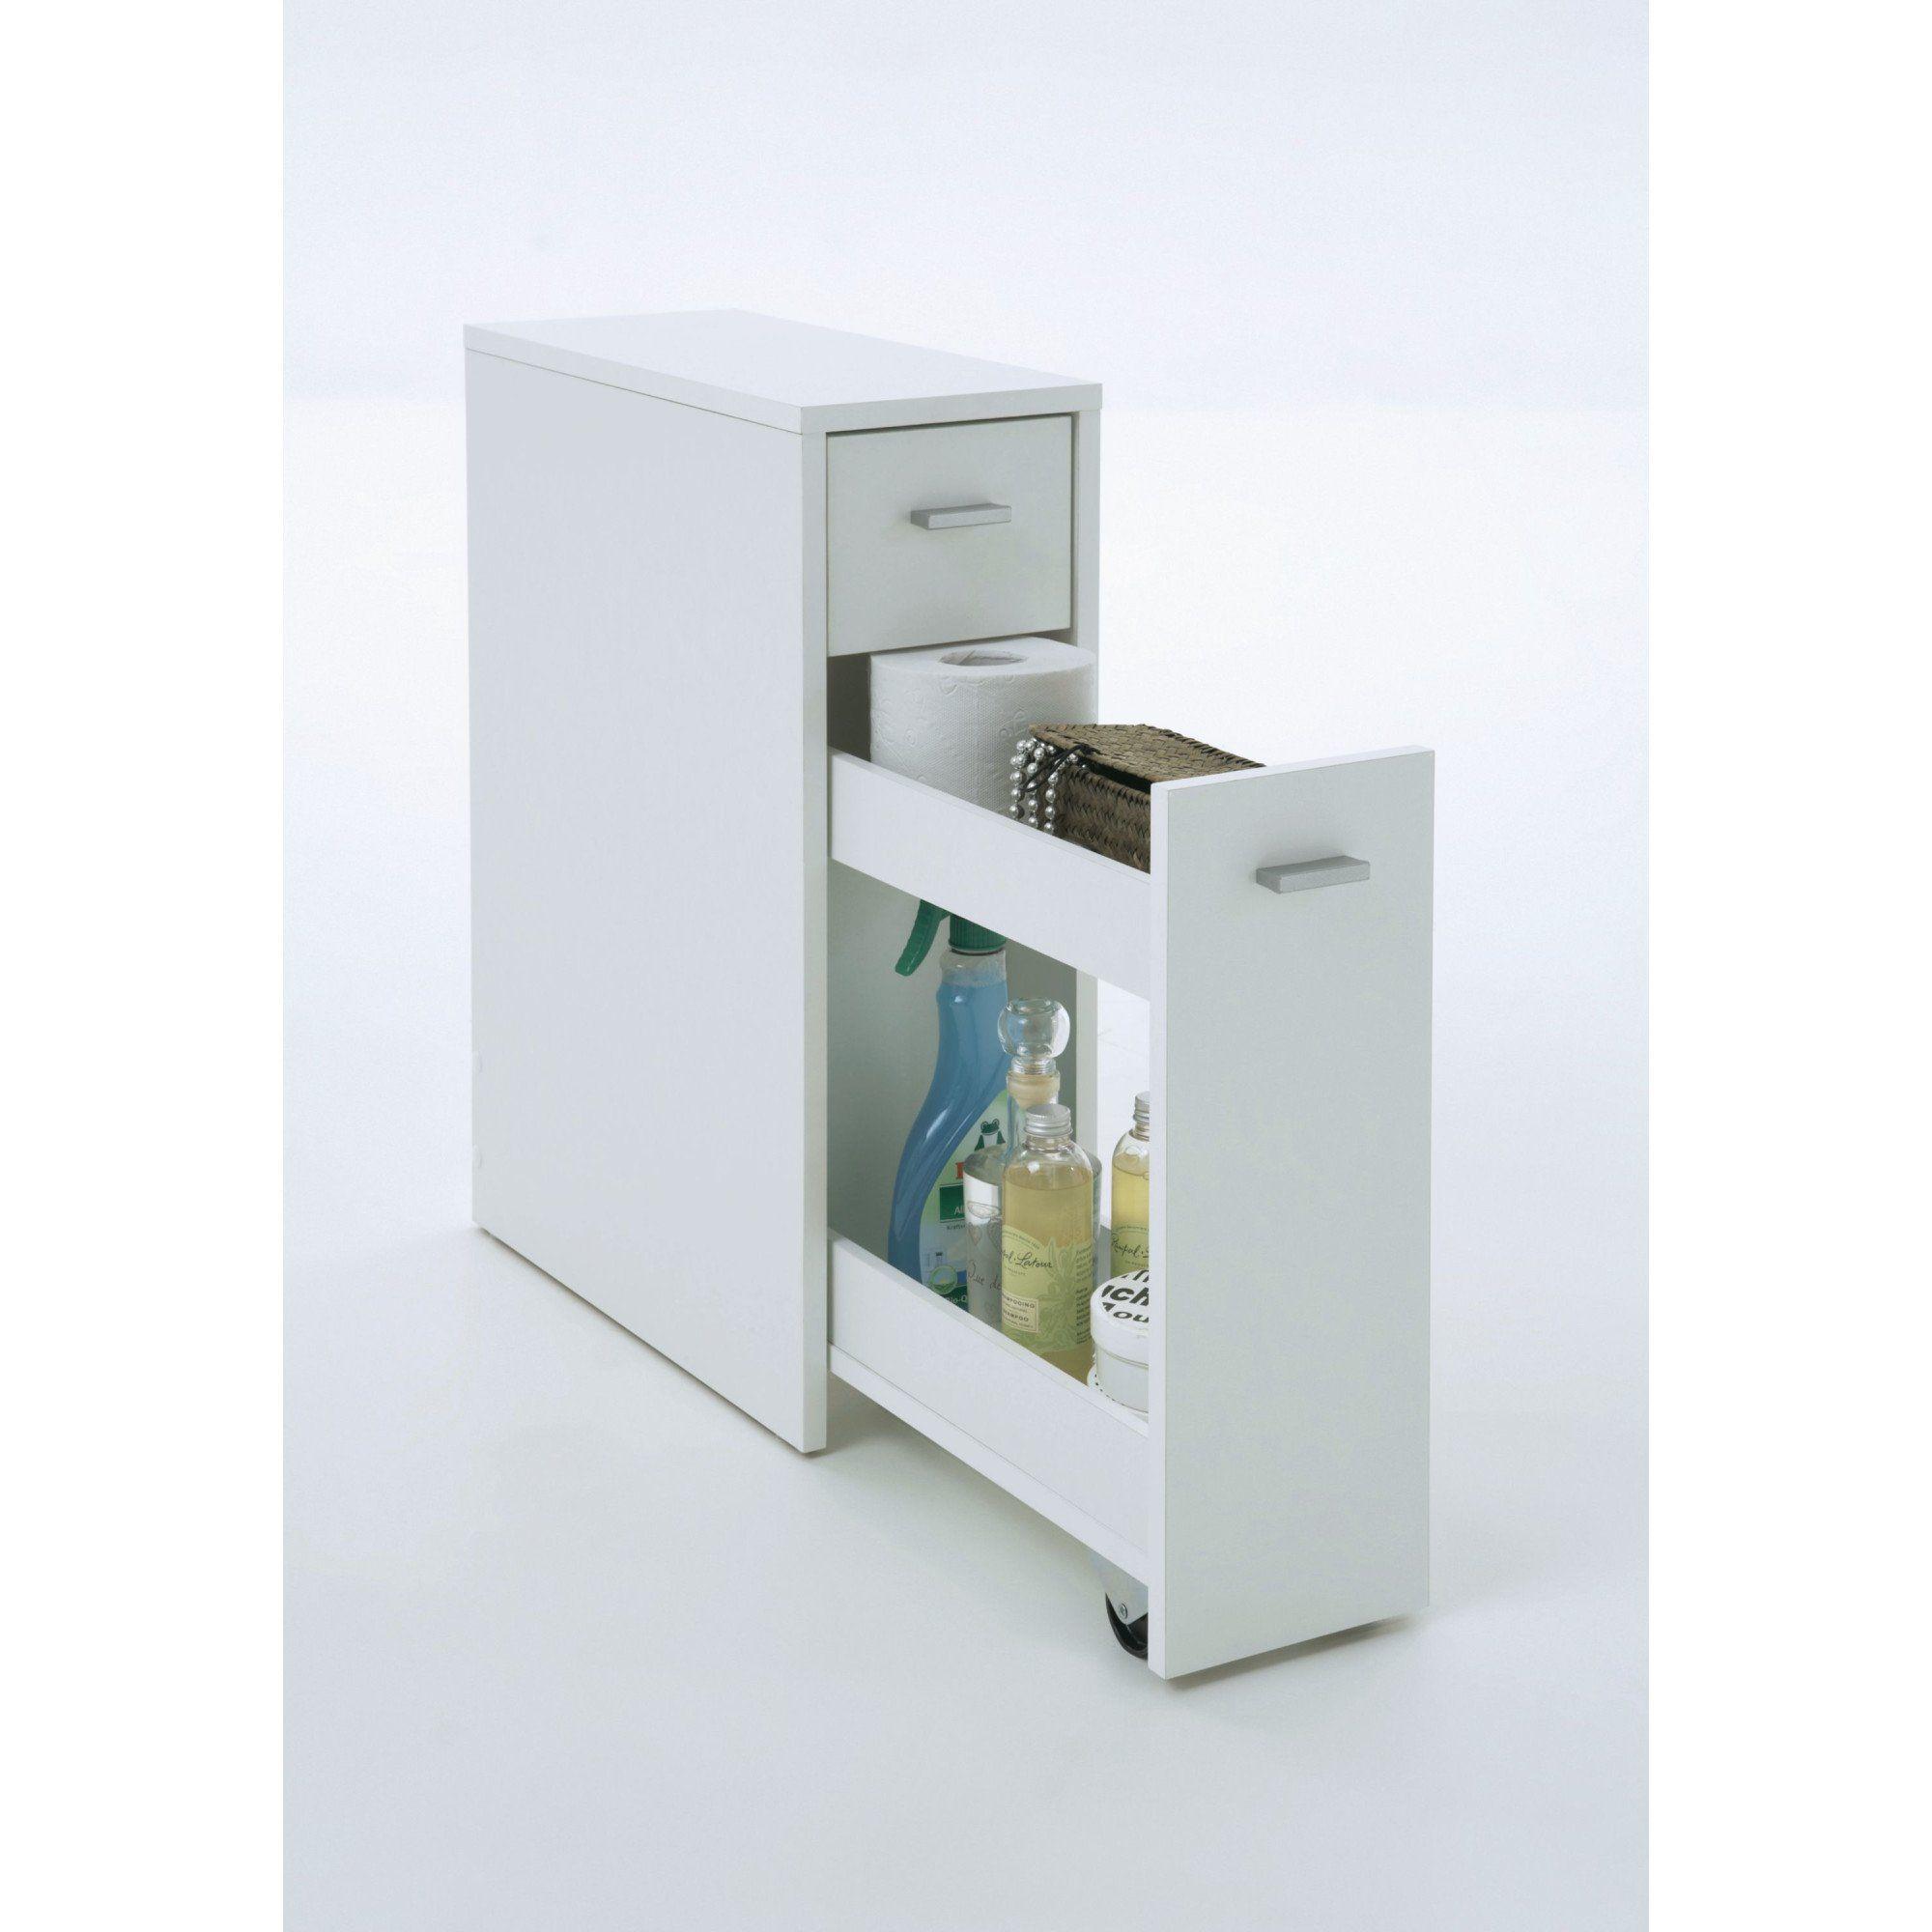 Schmaler Badezimmerschrank Mit Schublade Mdf Weiss Ca T45 X B20 X